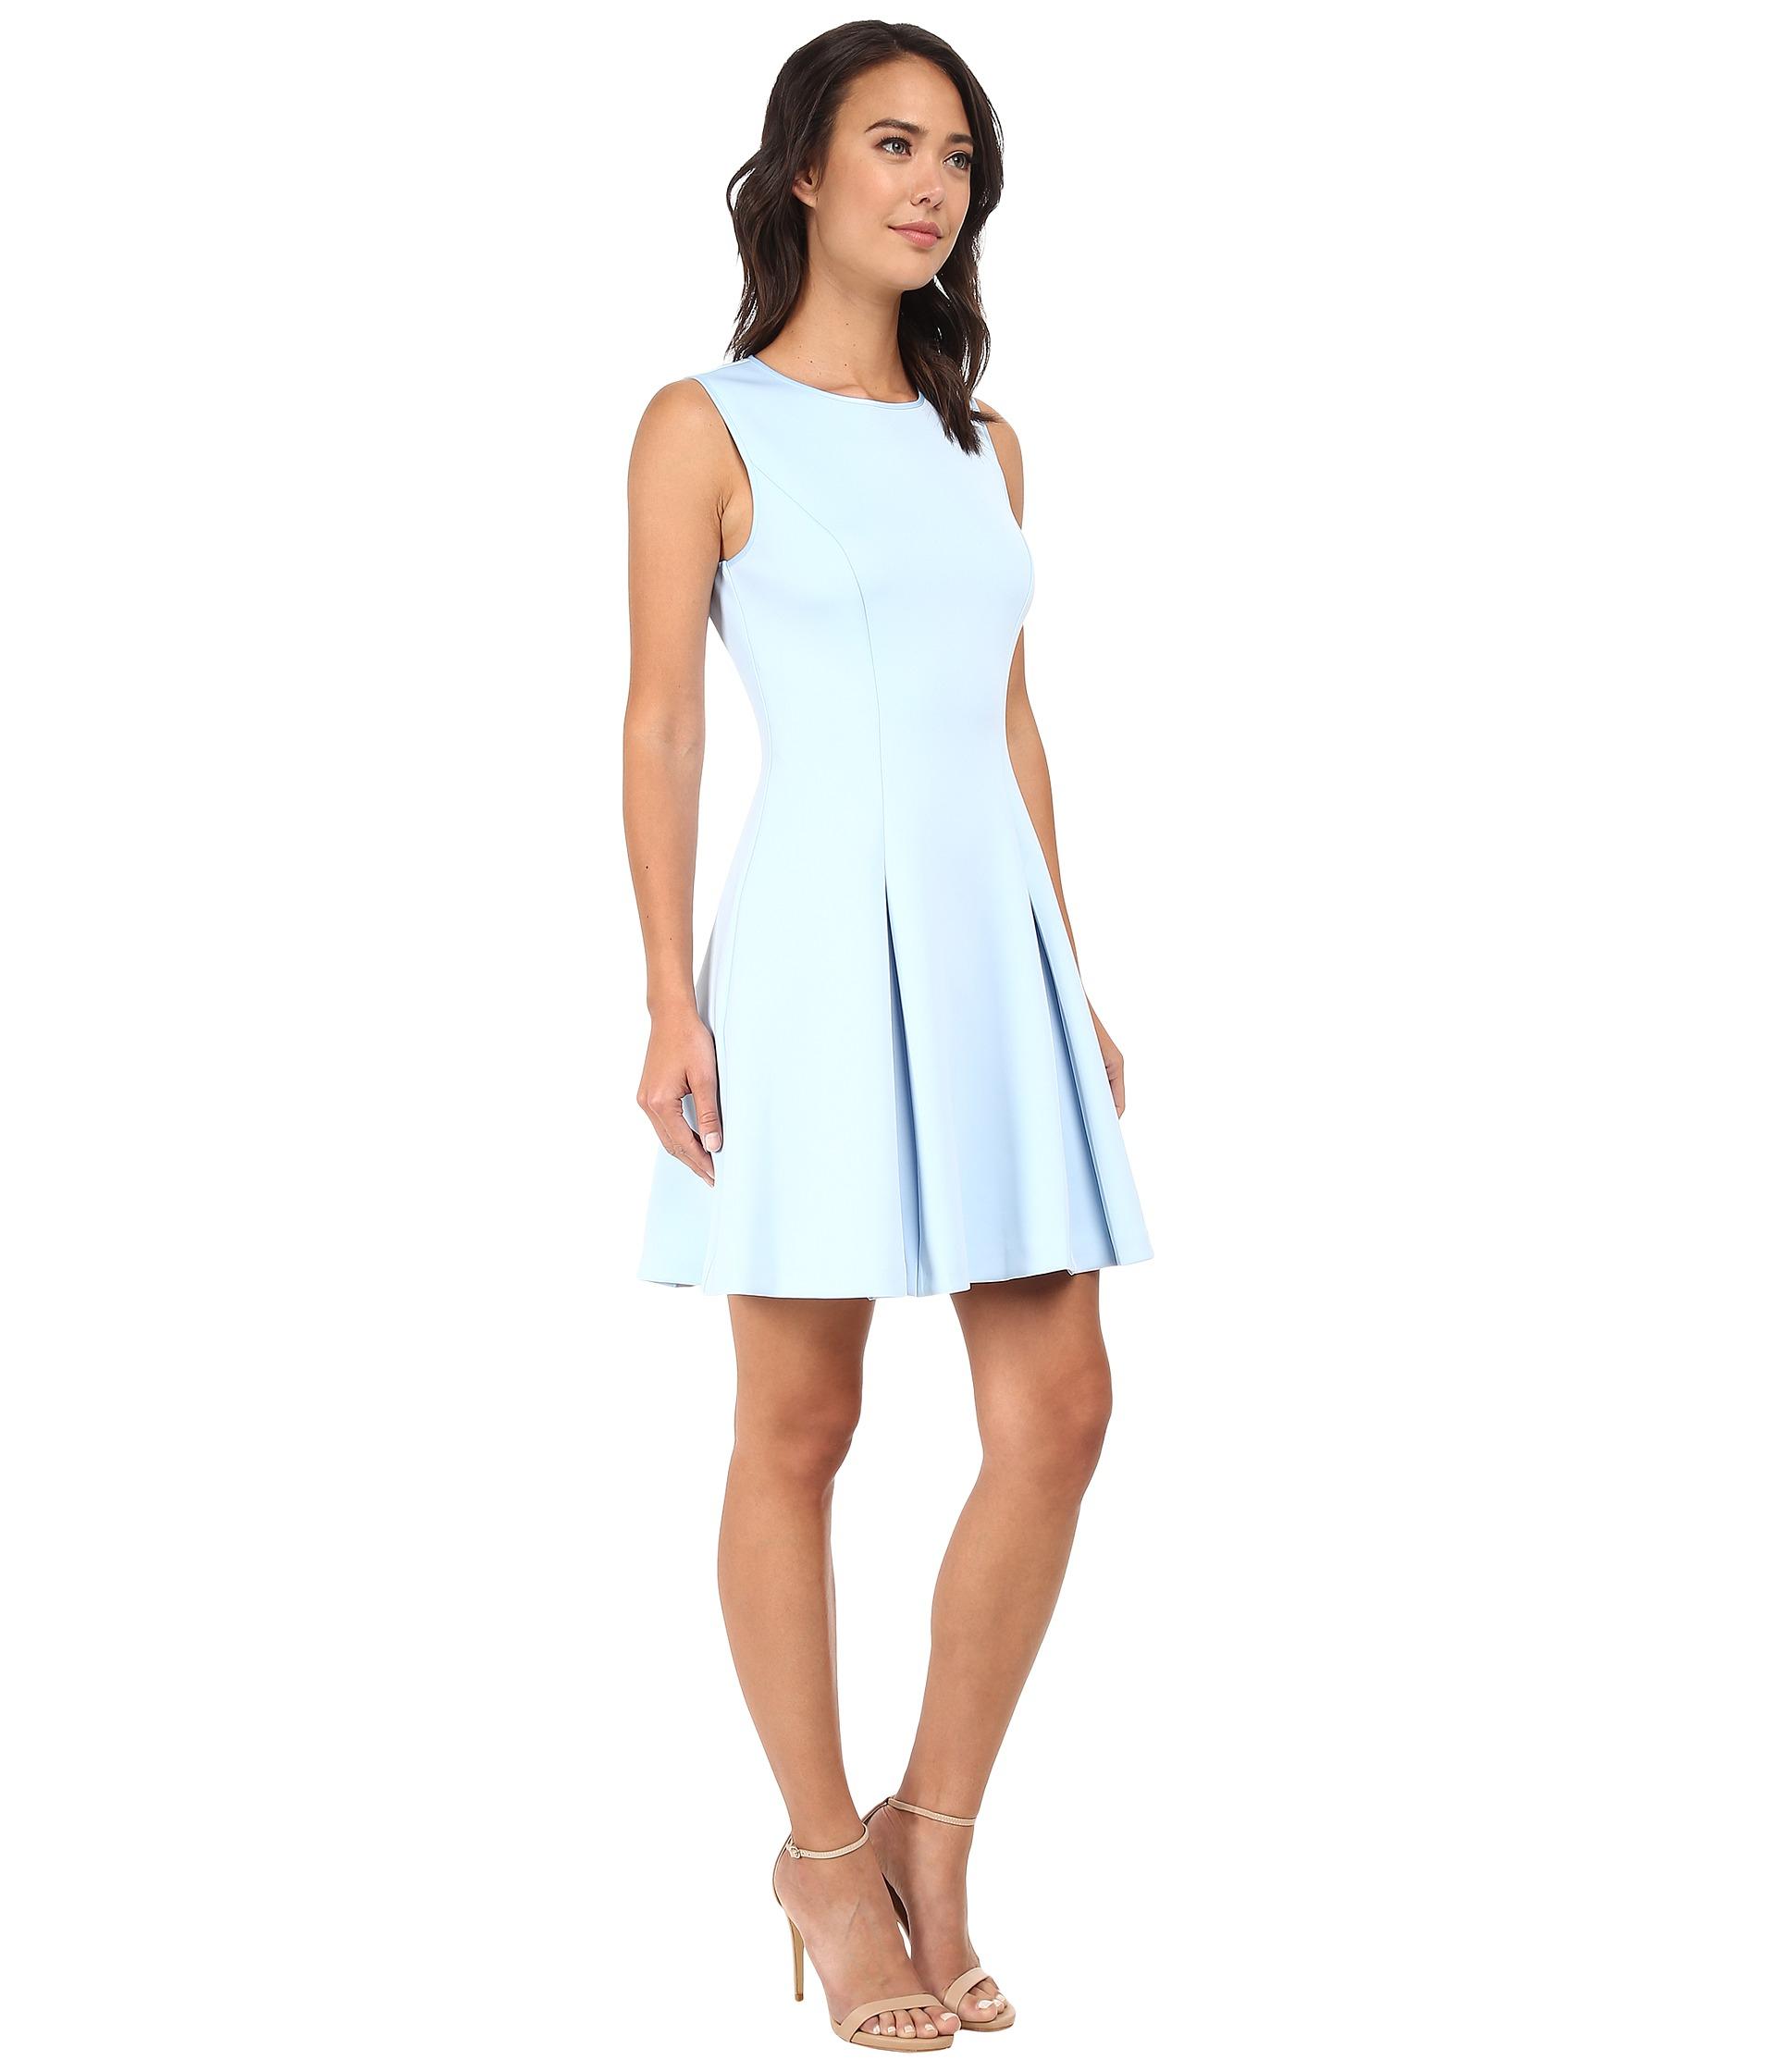 Lyst Ted Baker Tandace Sleeveless Neoprene Skater Dress in Blue